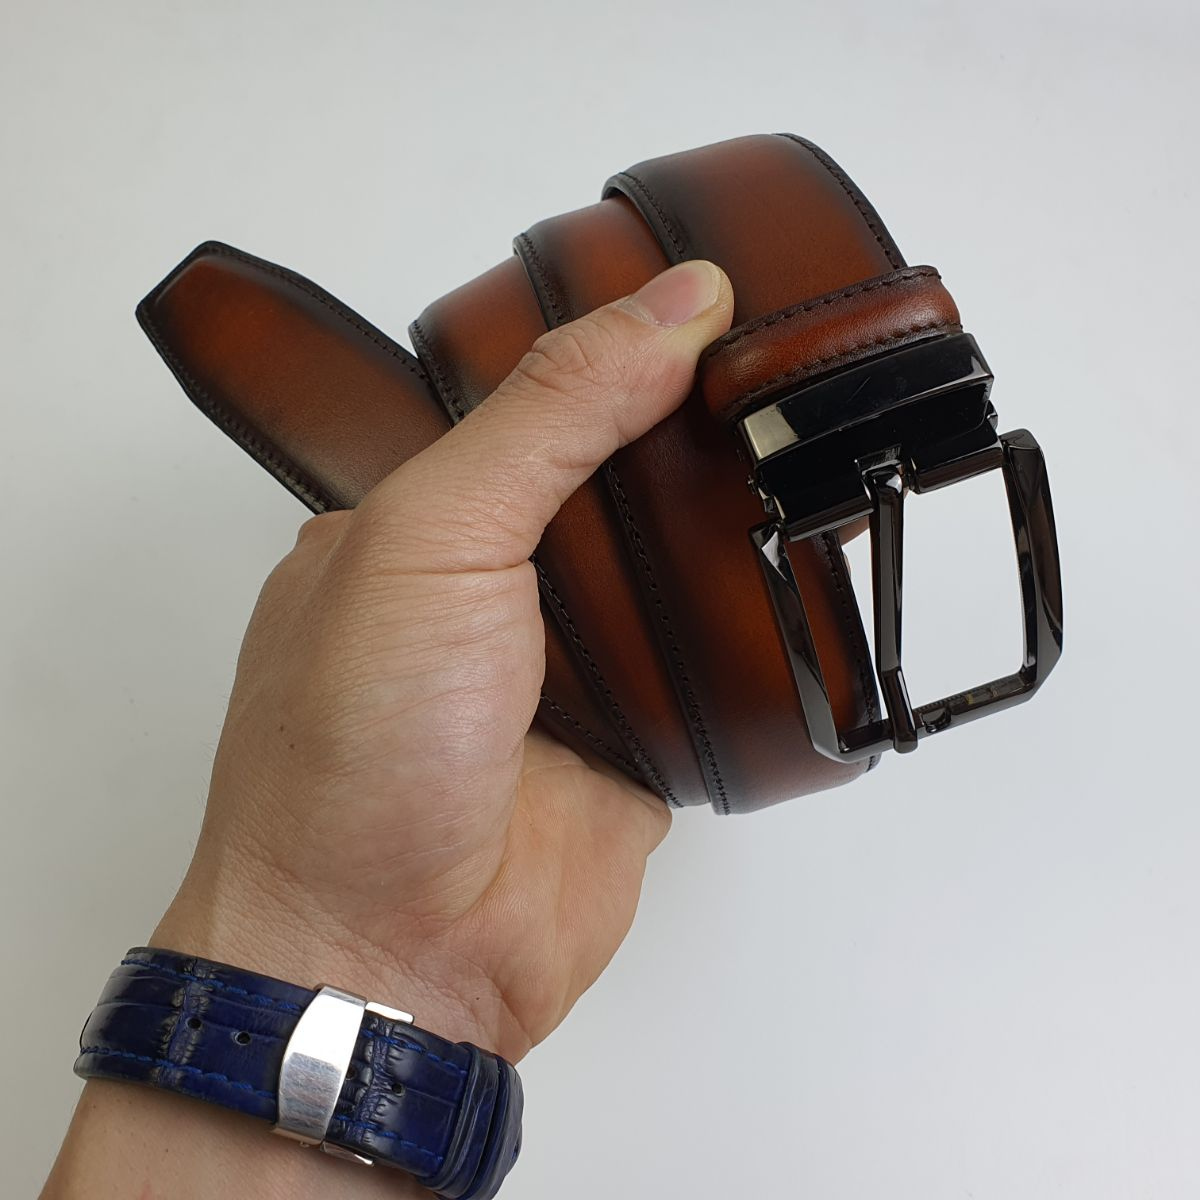 [Da thật] Thắt lưng công sở da bò cháy 3 lớp khóa kim BL111 (Brown) - Size 34mm; 100% da bò thật, BH 3 năm